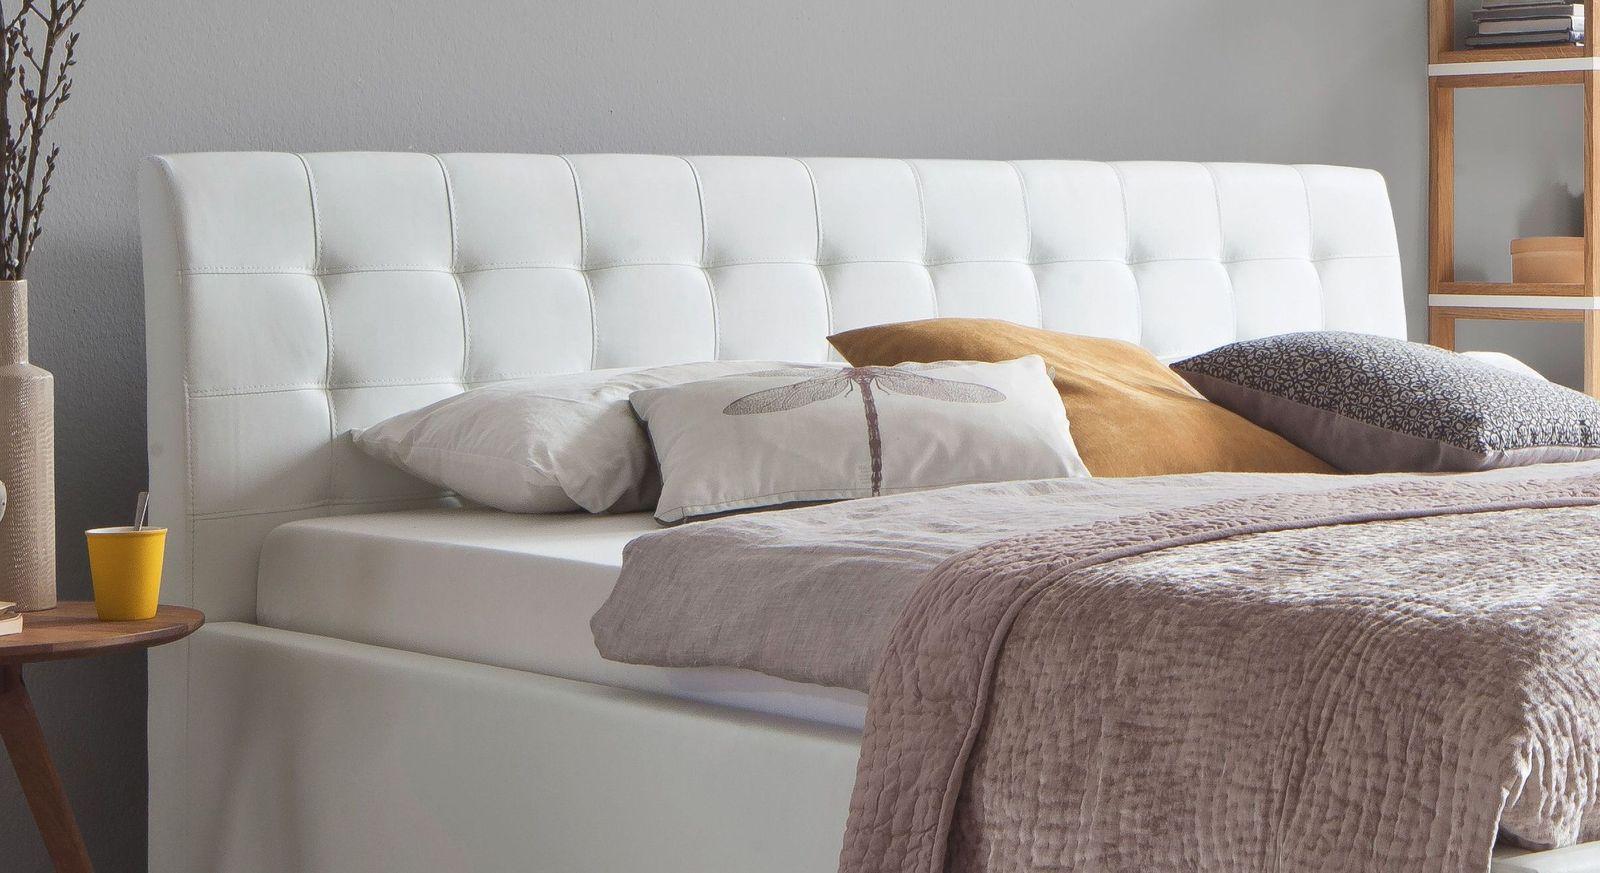 Bett Varmo mit weich gepolstertem Kopfteil